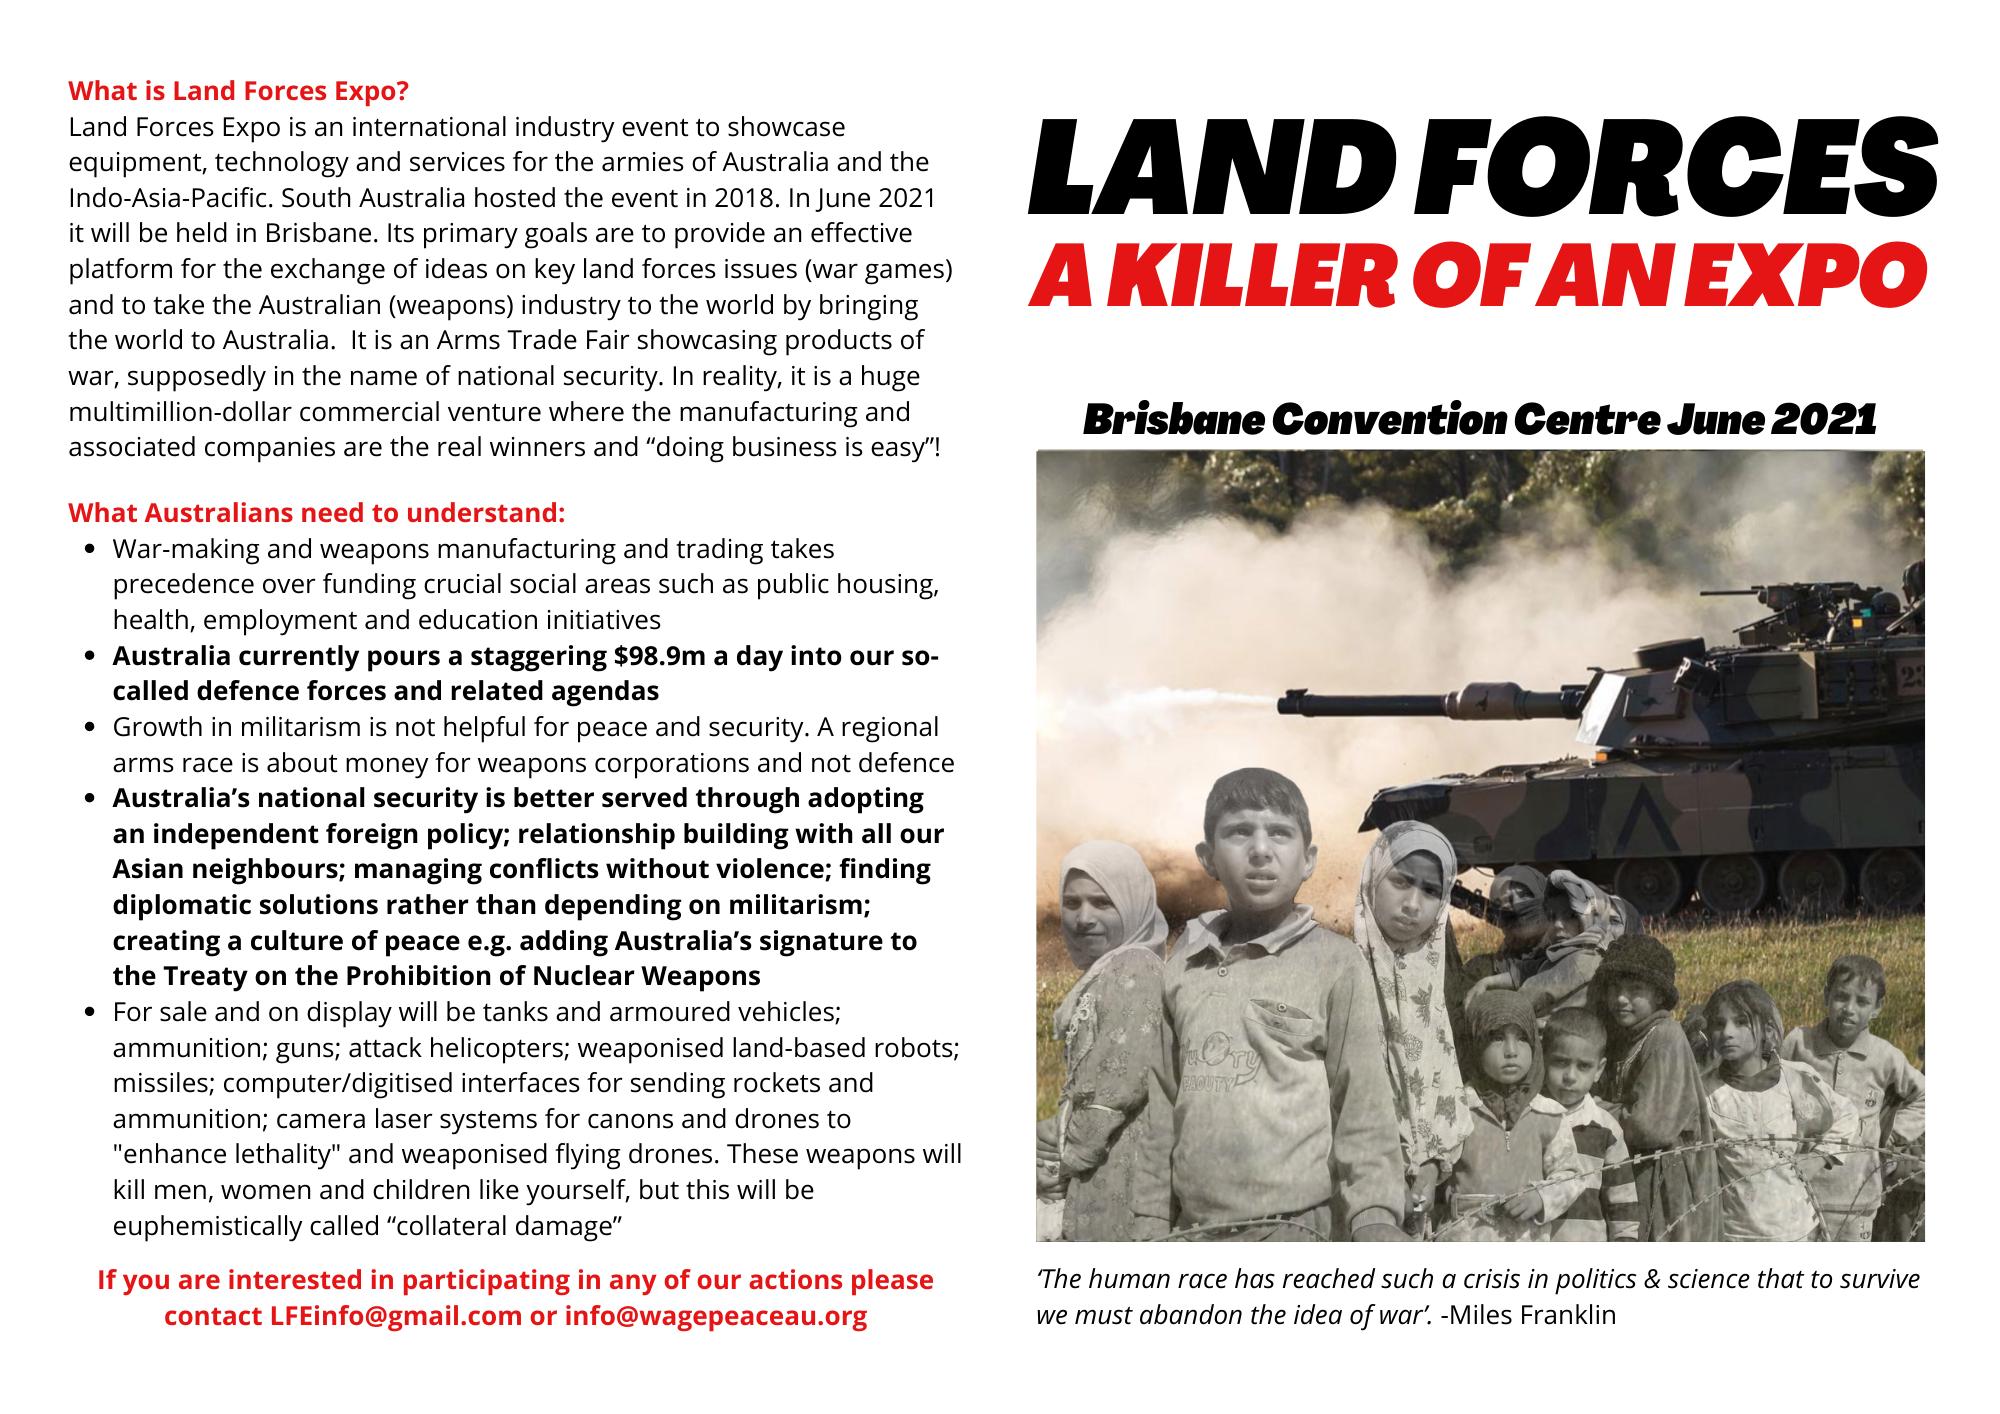 Land forces - killer flyer